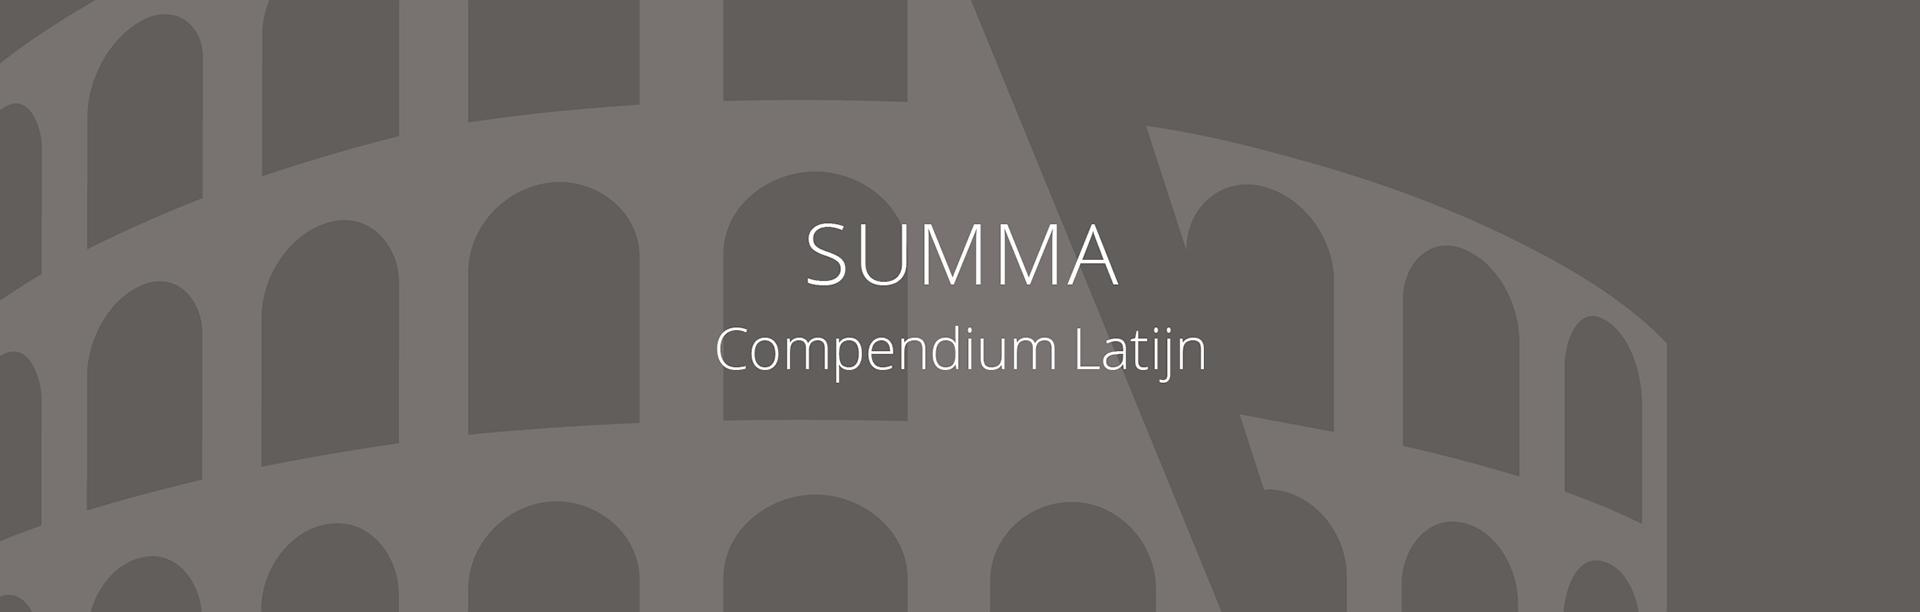 SUMMA Compendium Latijn lesmethode Staal & Roeland